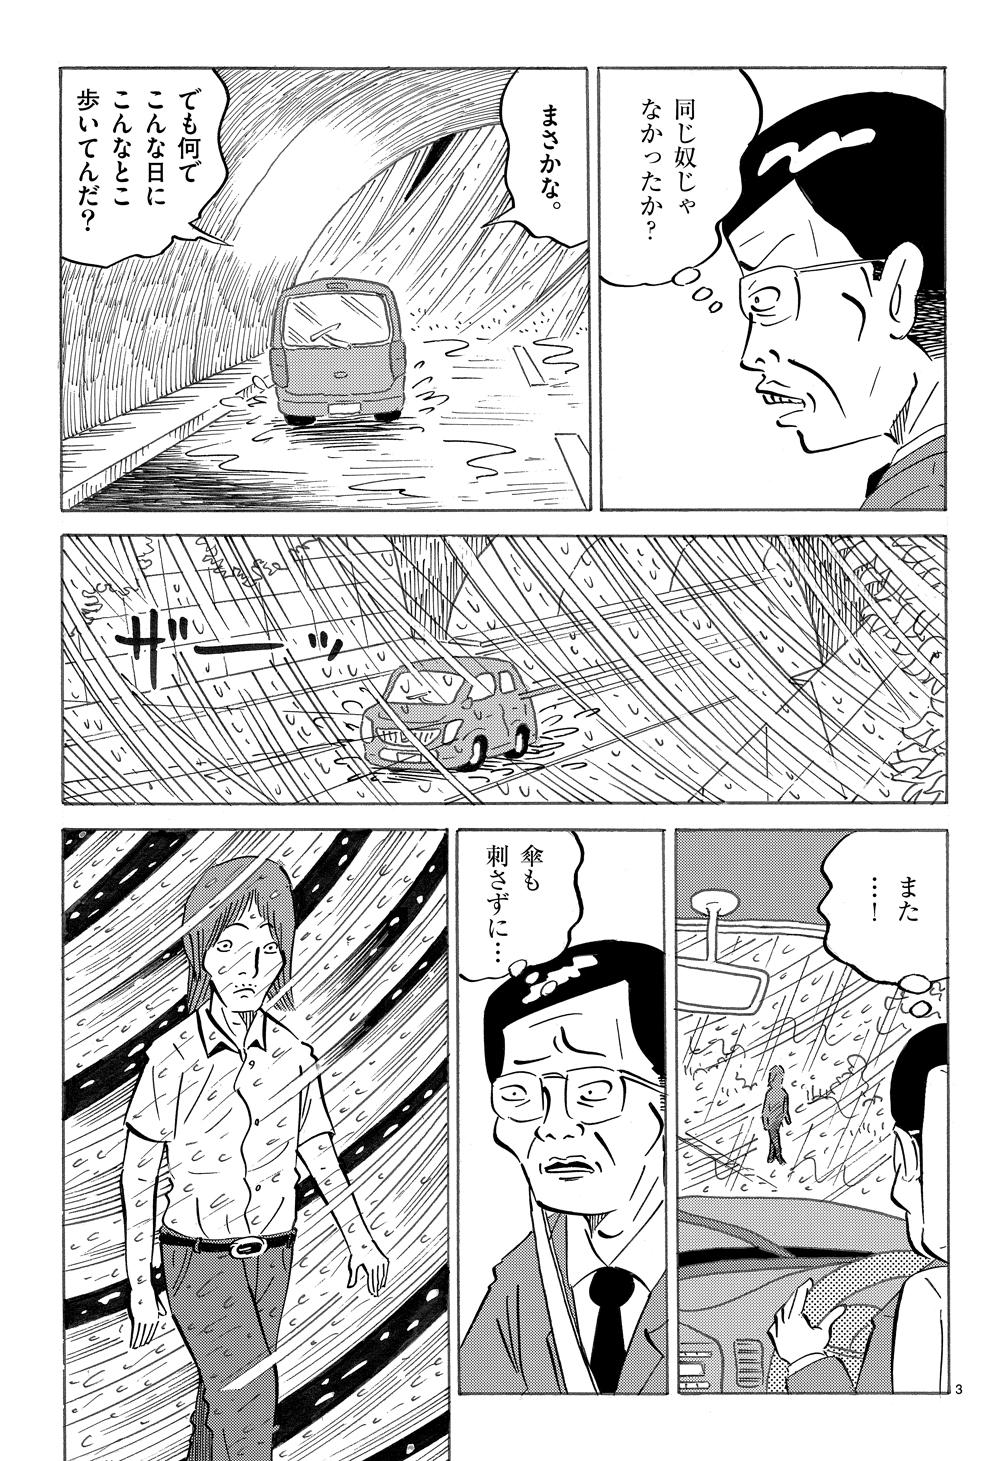 琉球怪談 【第5話】WEB掲載3ページ目画像